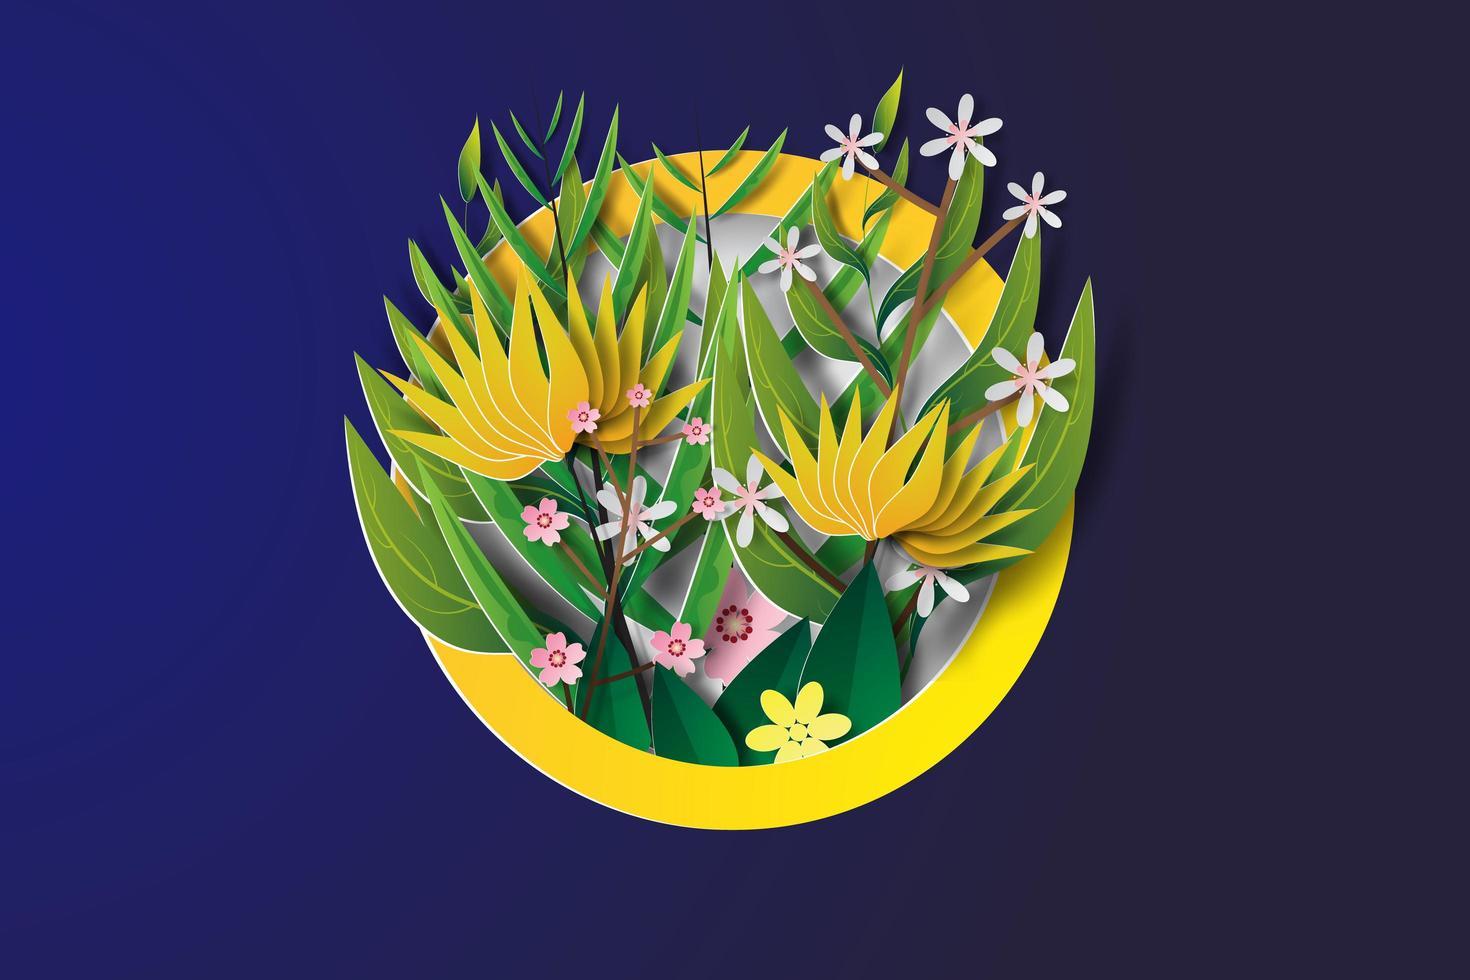 art papier de collage de fleurs en cercle vecteur